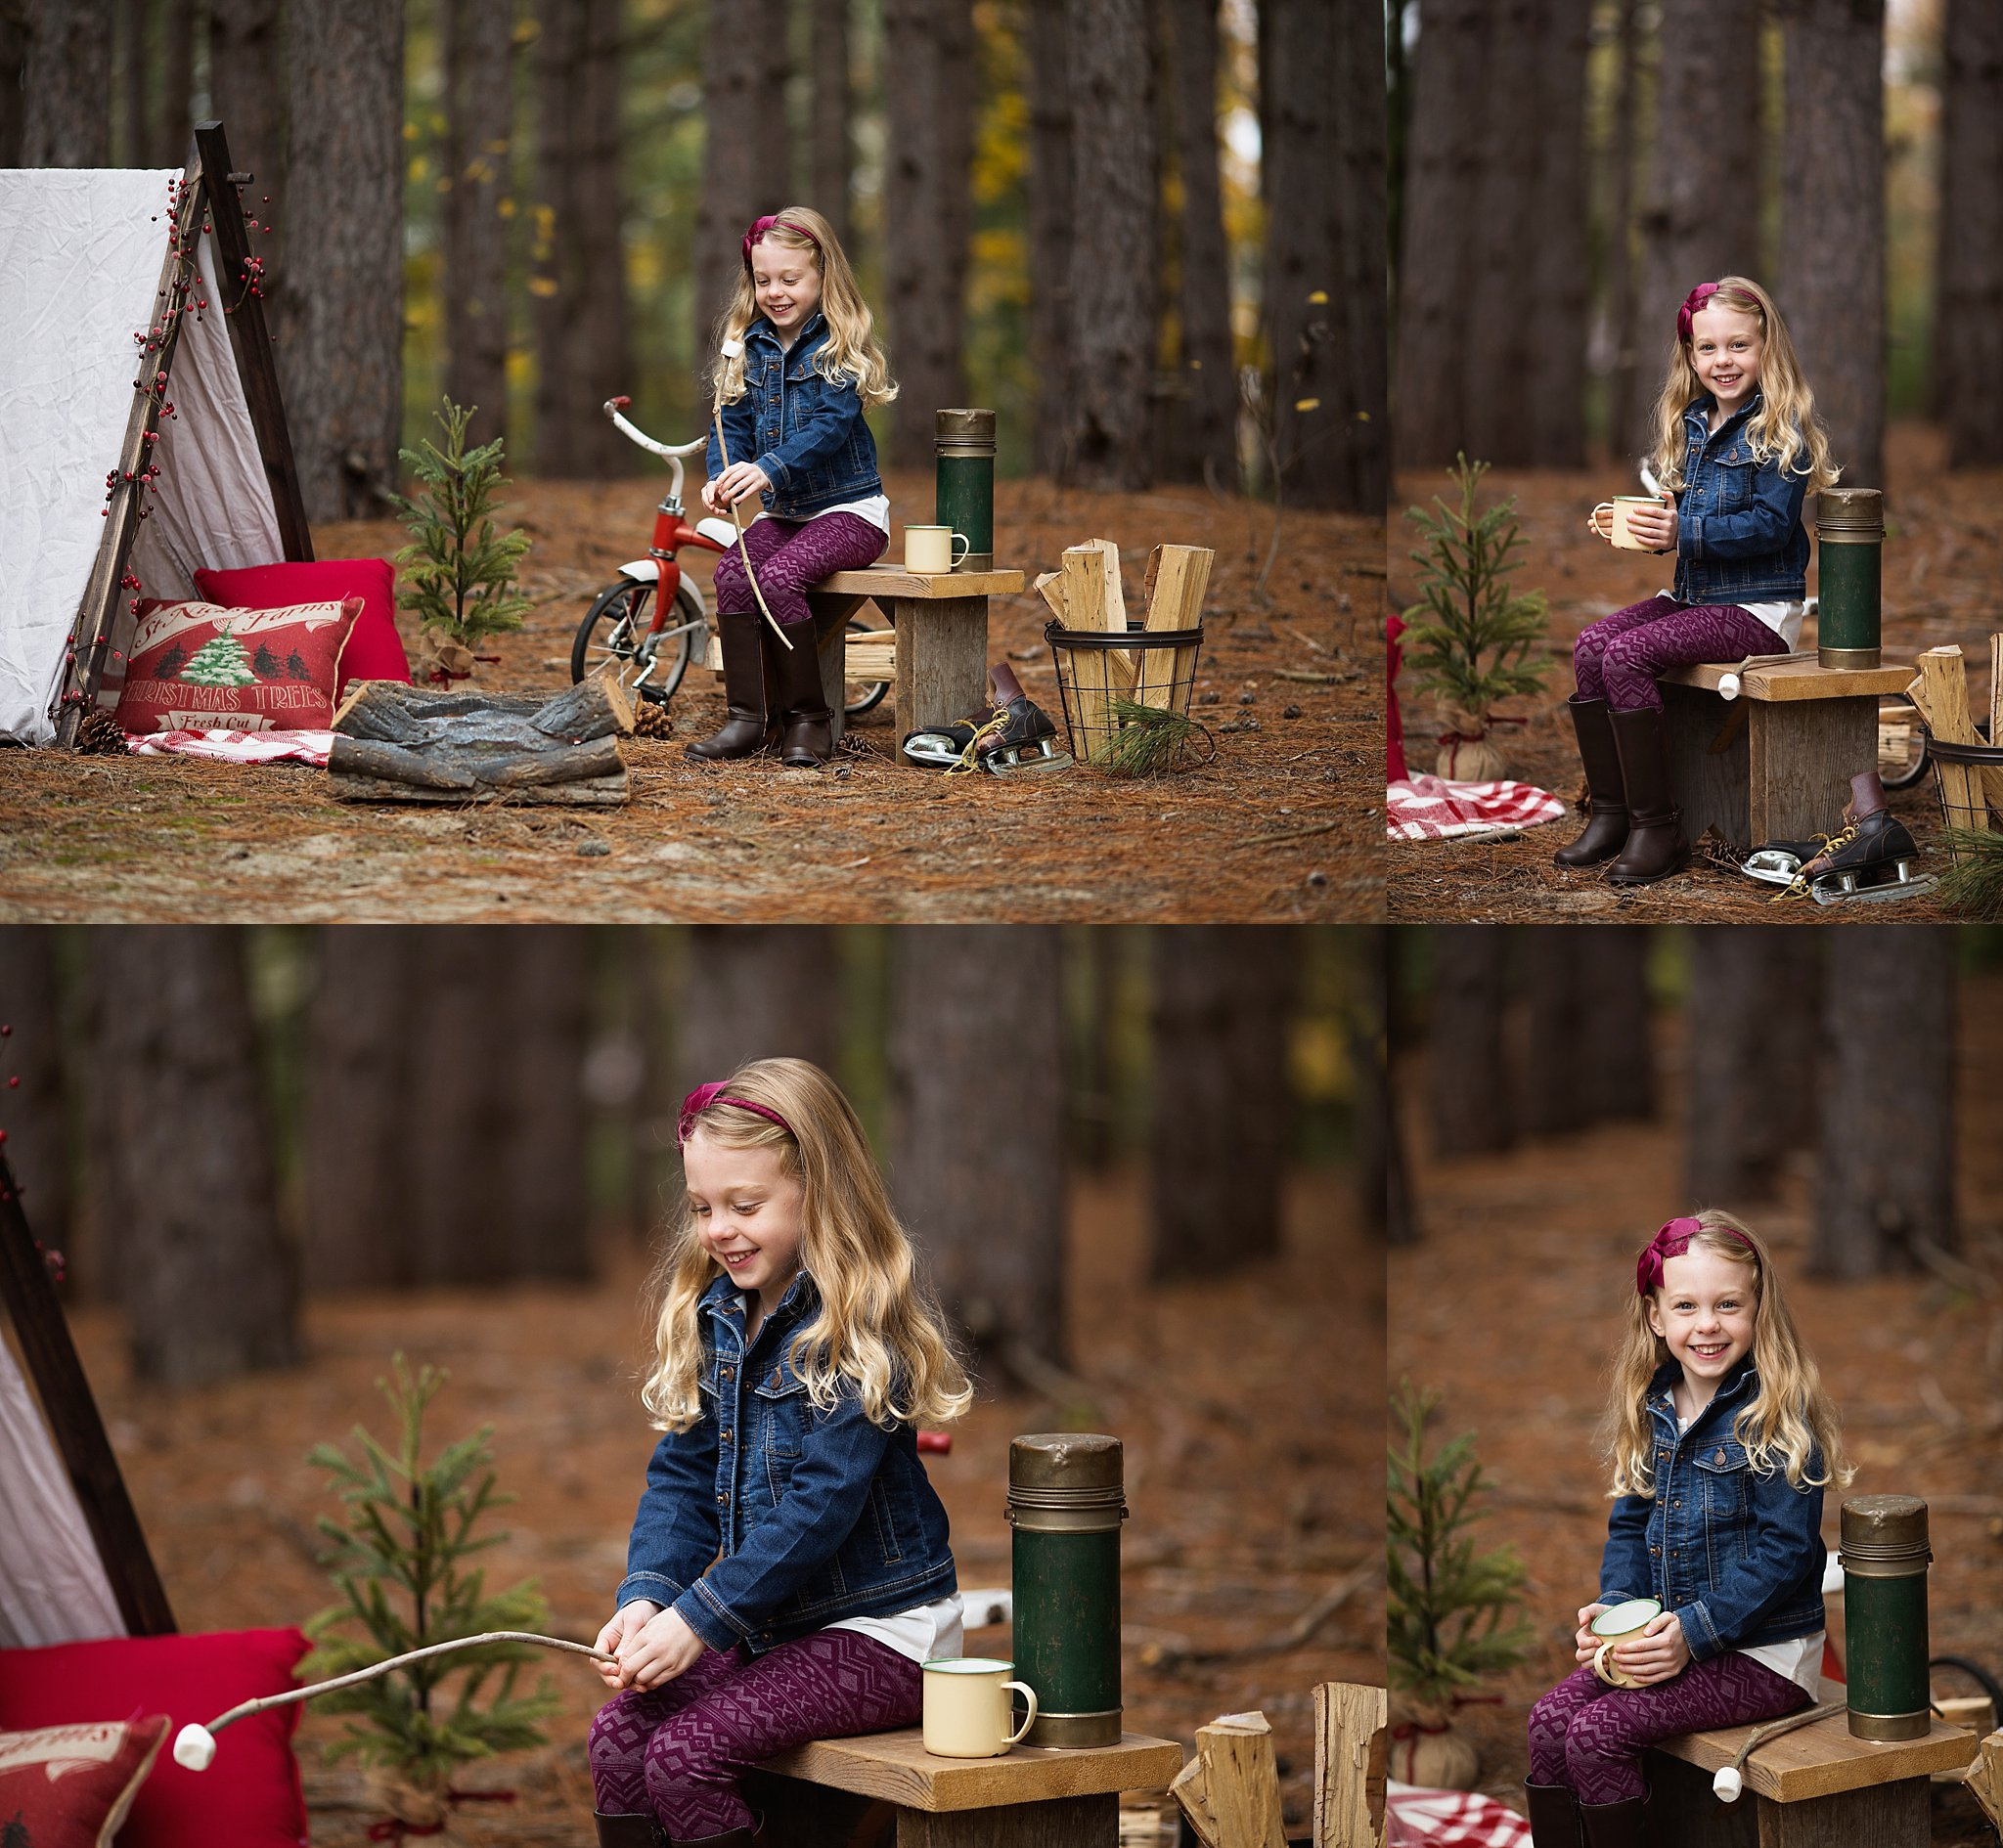 winter camping holiday photos